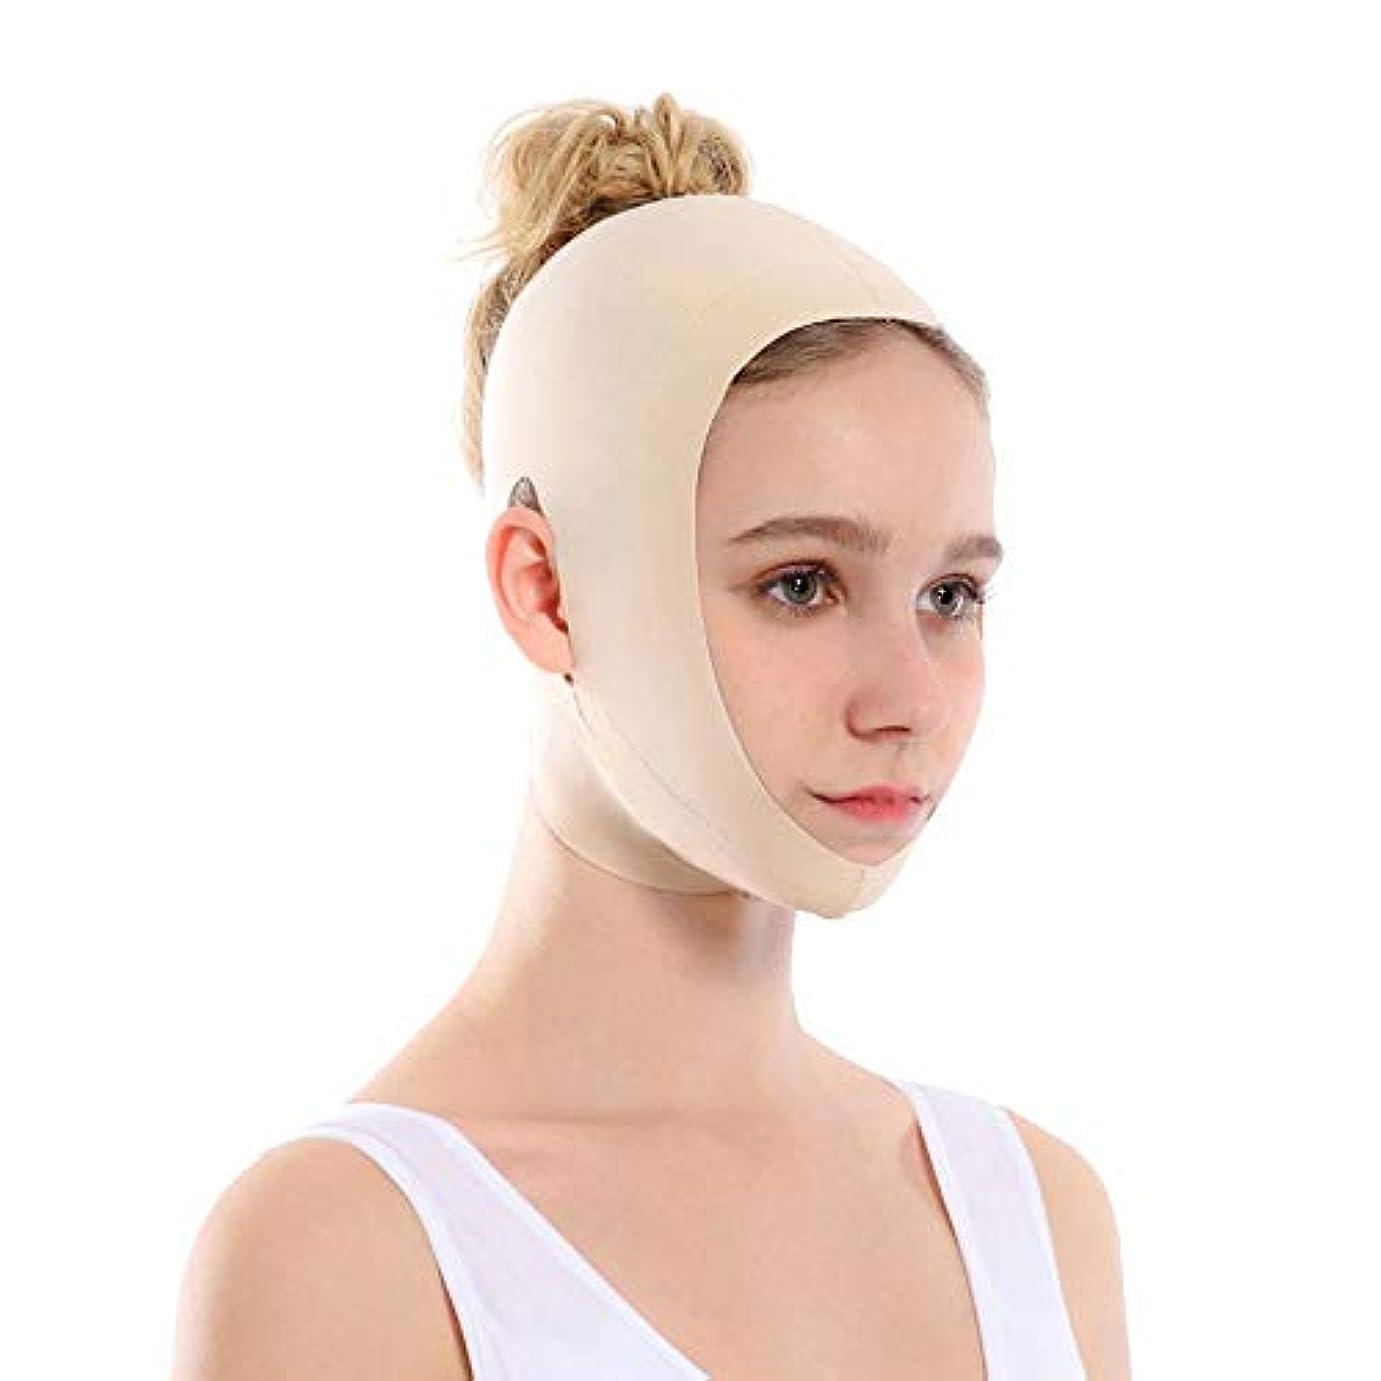 困難表現マオリ顔を持ち上げるアーティファクトVフェイス包帯リフティング引き締め睡眠薄い顔を整形持ち上げる顔を二重あご矯正 - 肌の色